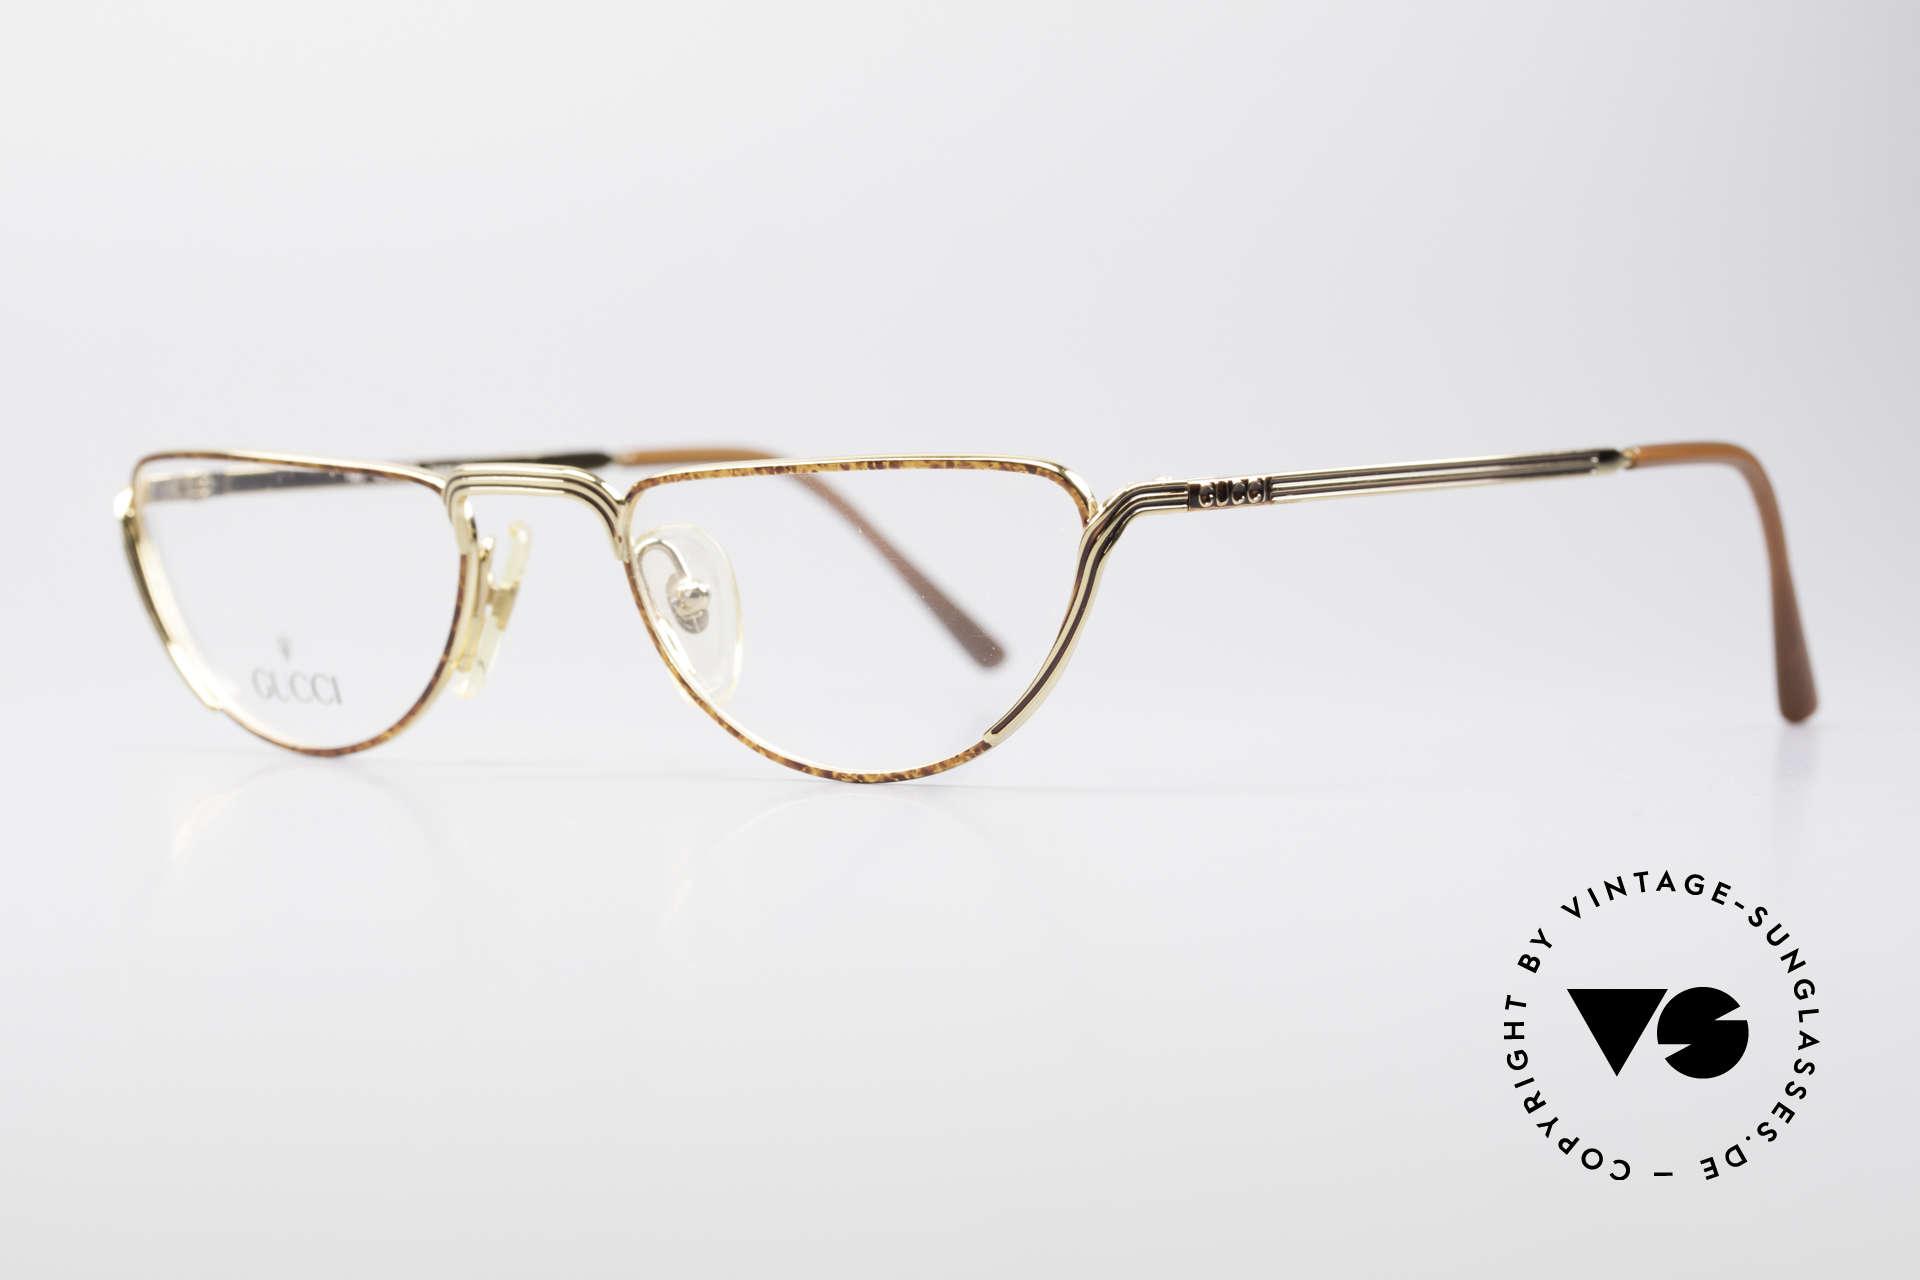 Gucci 2203 Vintage Lesebrille 80er, klassisches Design mit eleganter Rahmen-Kolorierung, Passend für Herren und Damen